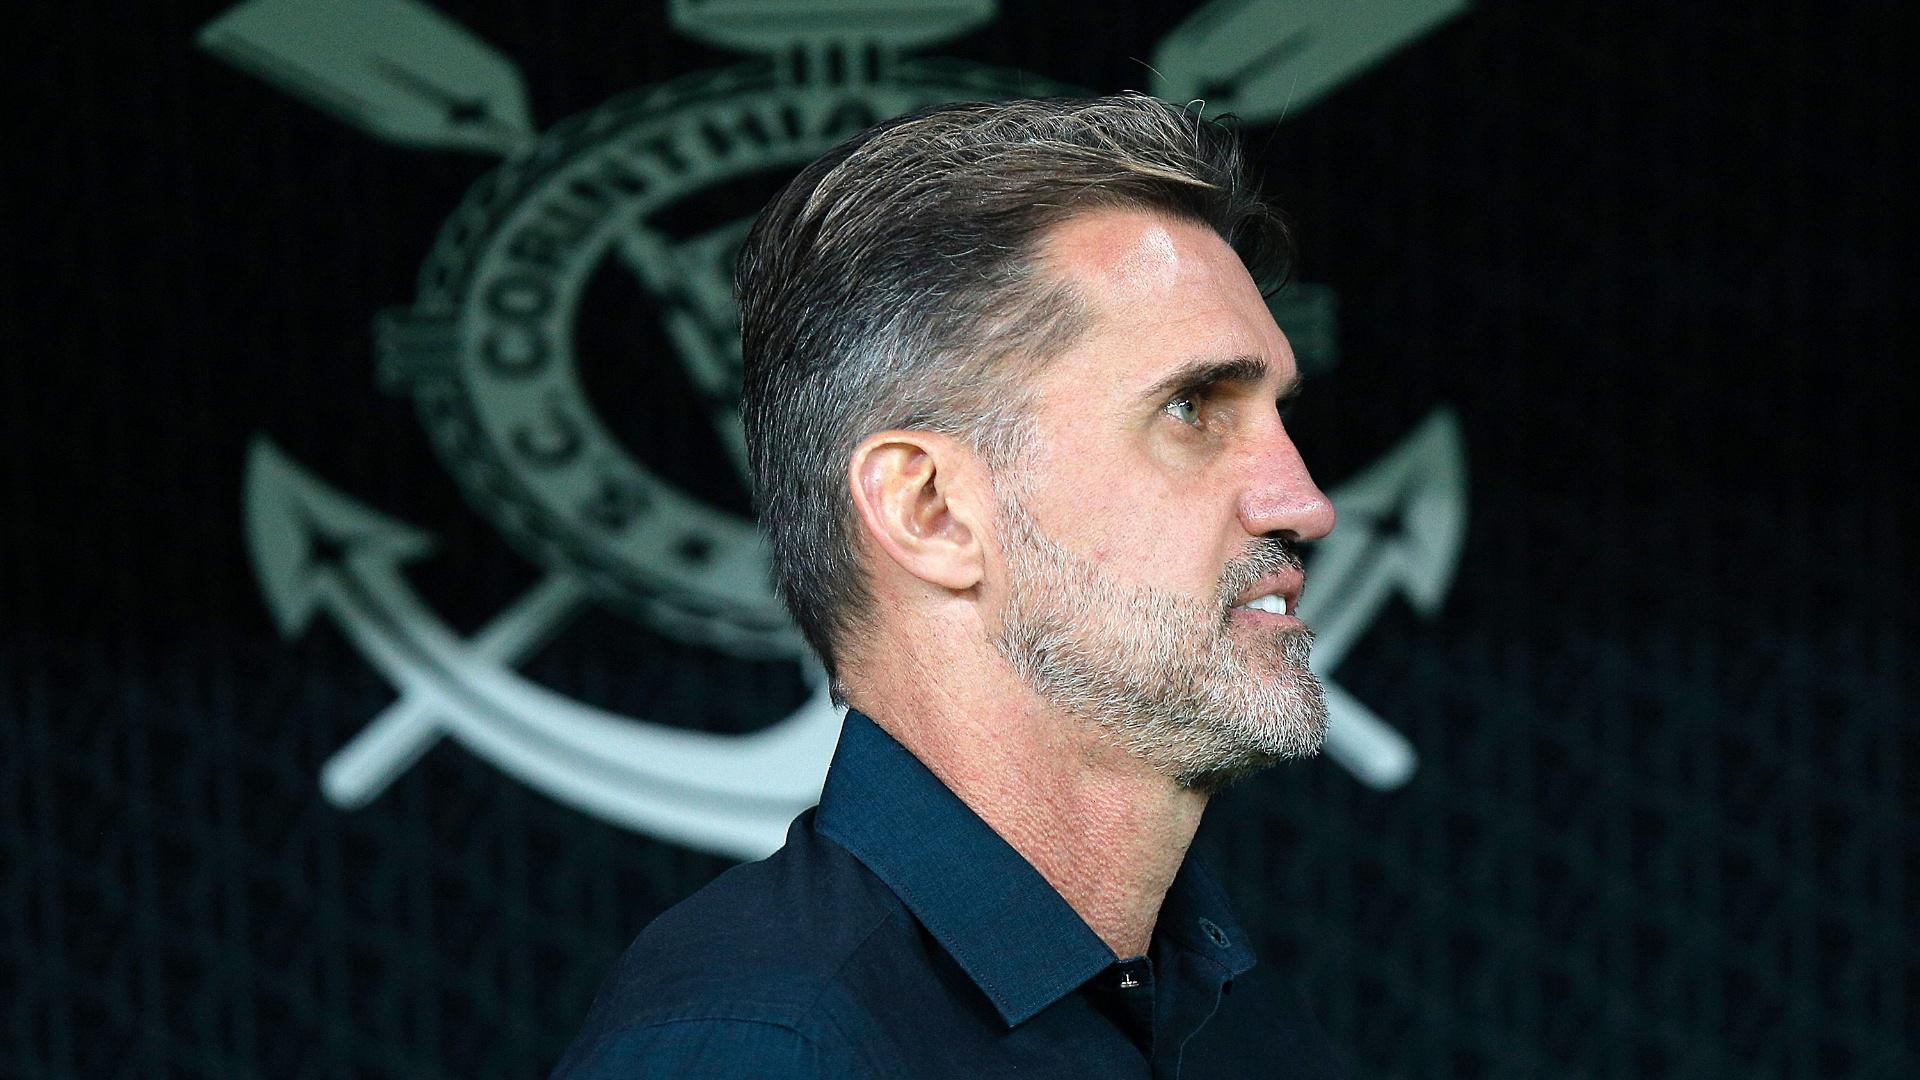 O técnico Vagner Mancini durante o jogo entre Corinthians e Vitória